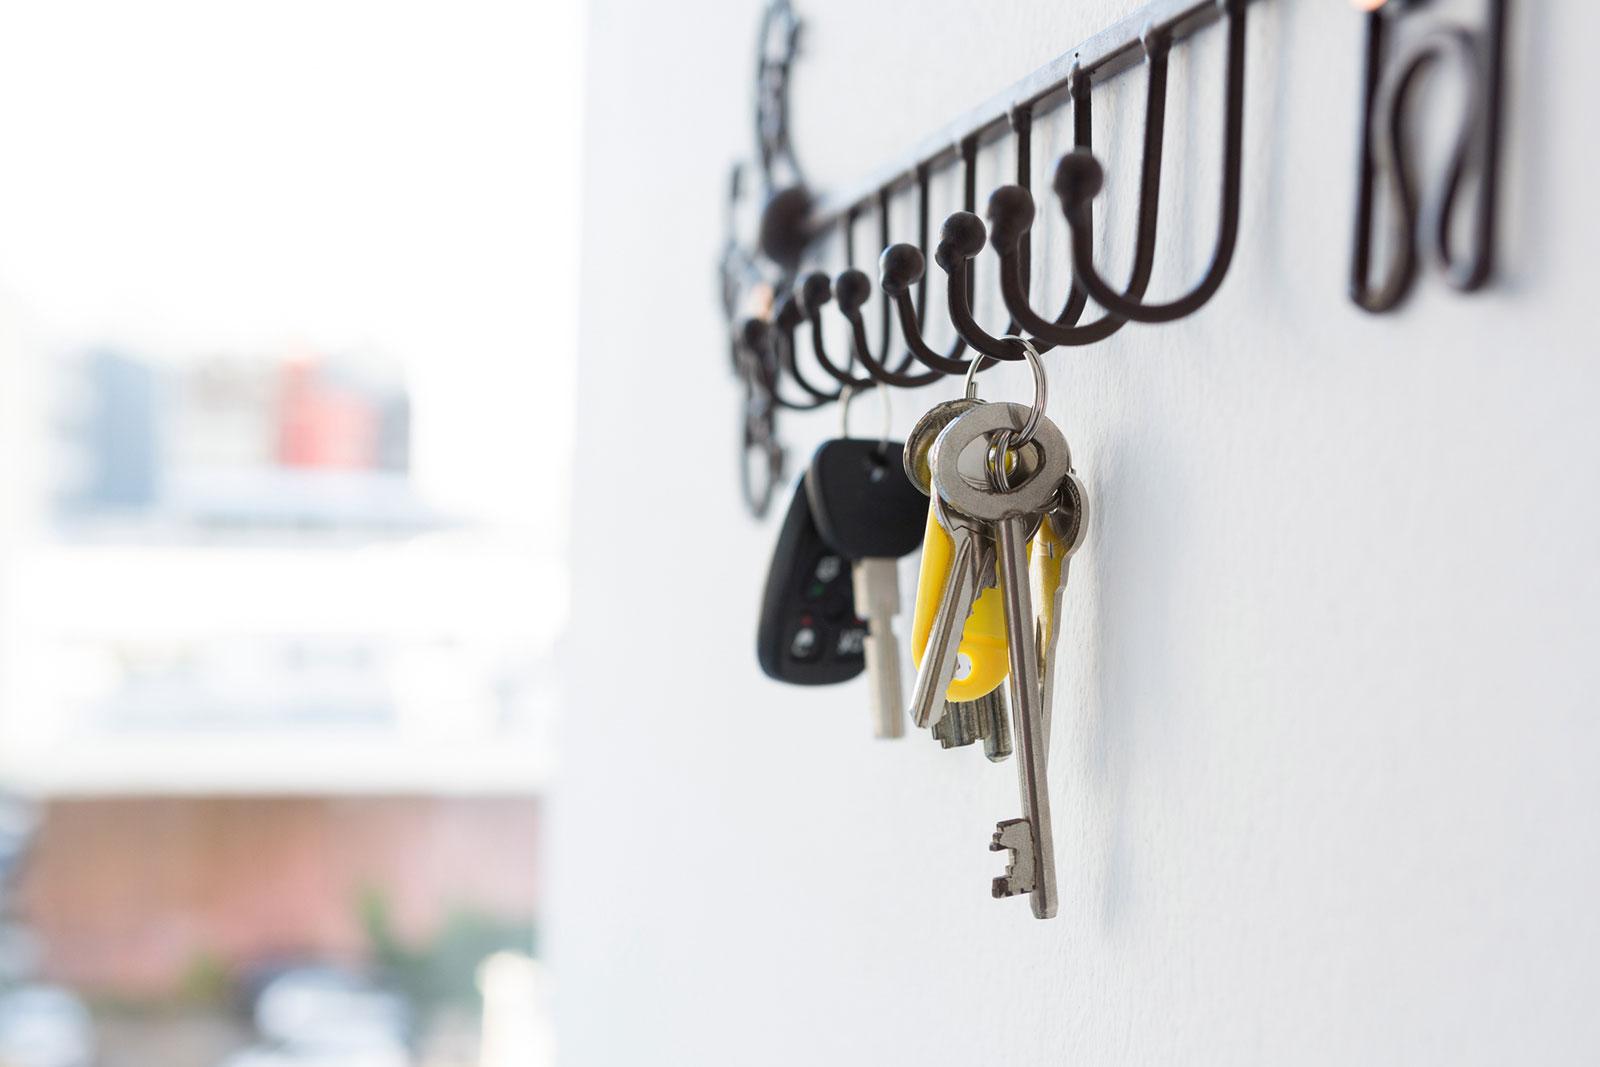 Alles griffbereit: Zu Hause haben Schlüssel und Co. einen festen Platz.